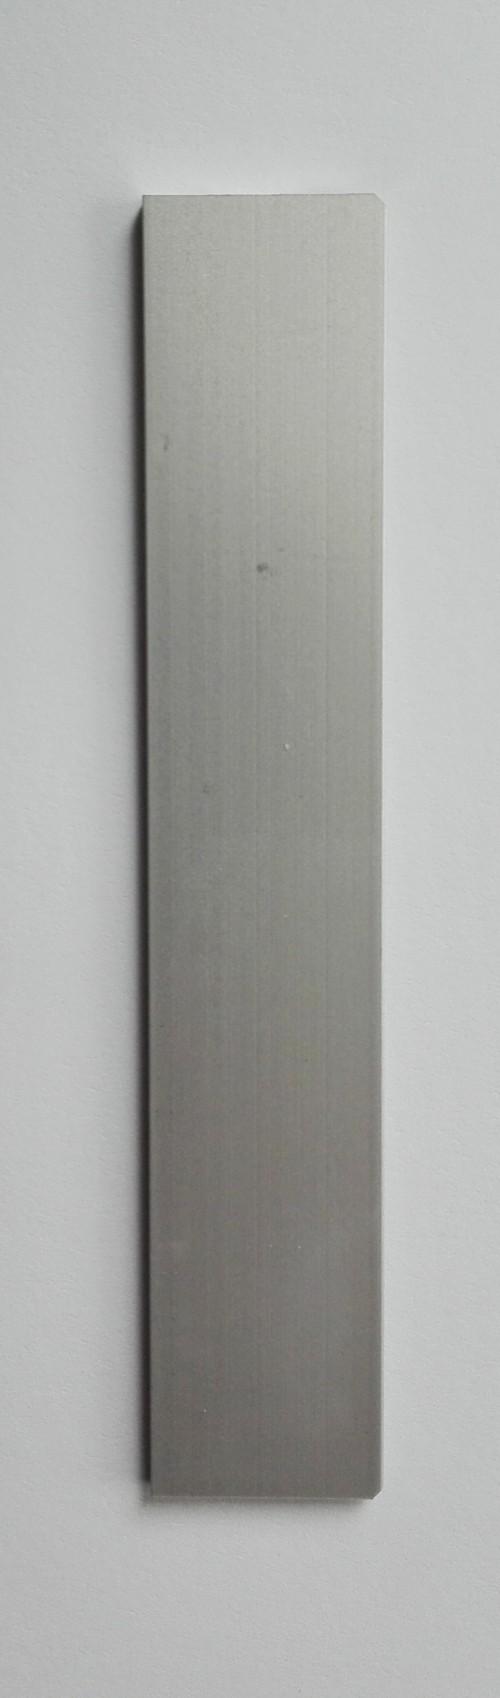 linijka 10 cm 02